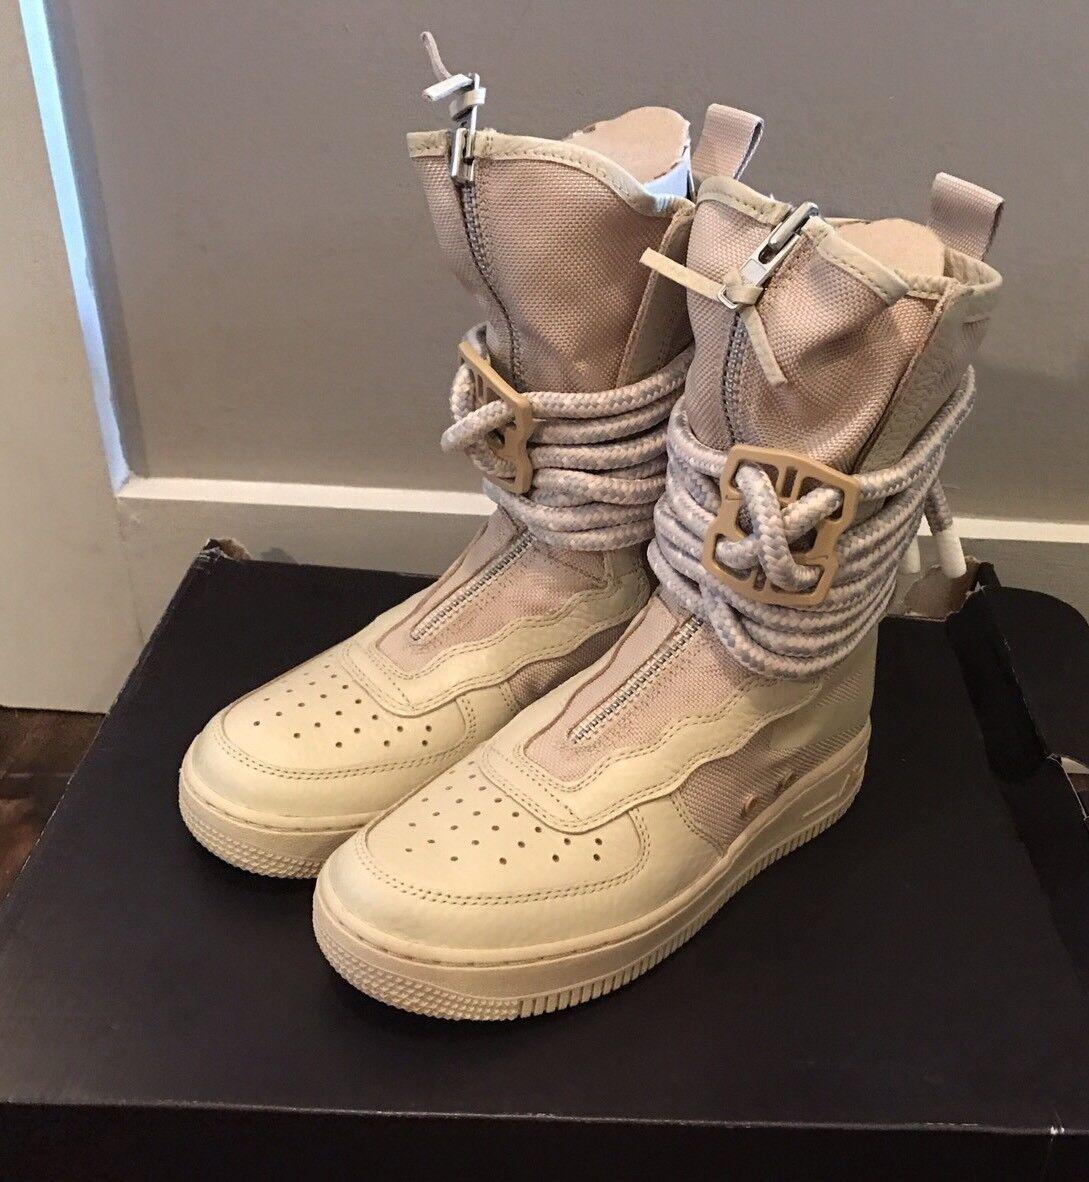 Nike Women's SF AF1 Hi Special Field Rattan Boots AA3965-200 Sz 6.5 - NIB